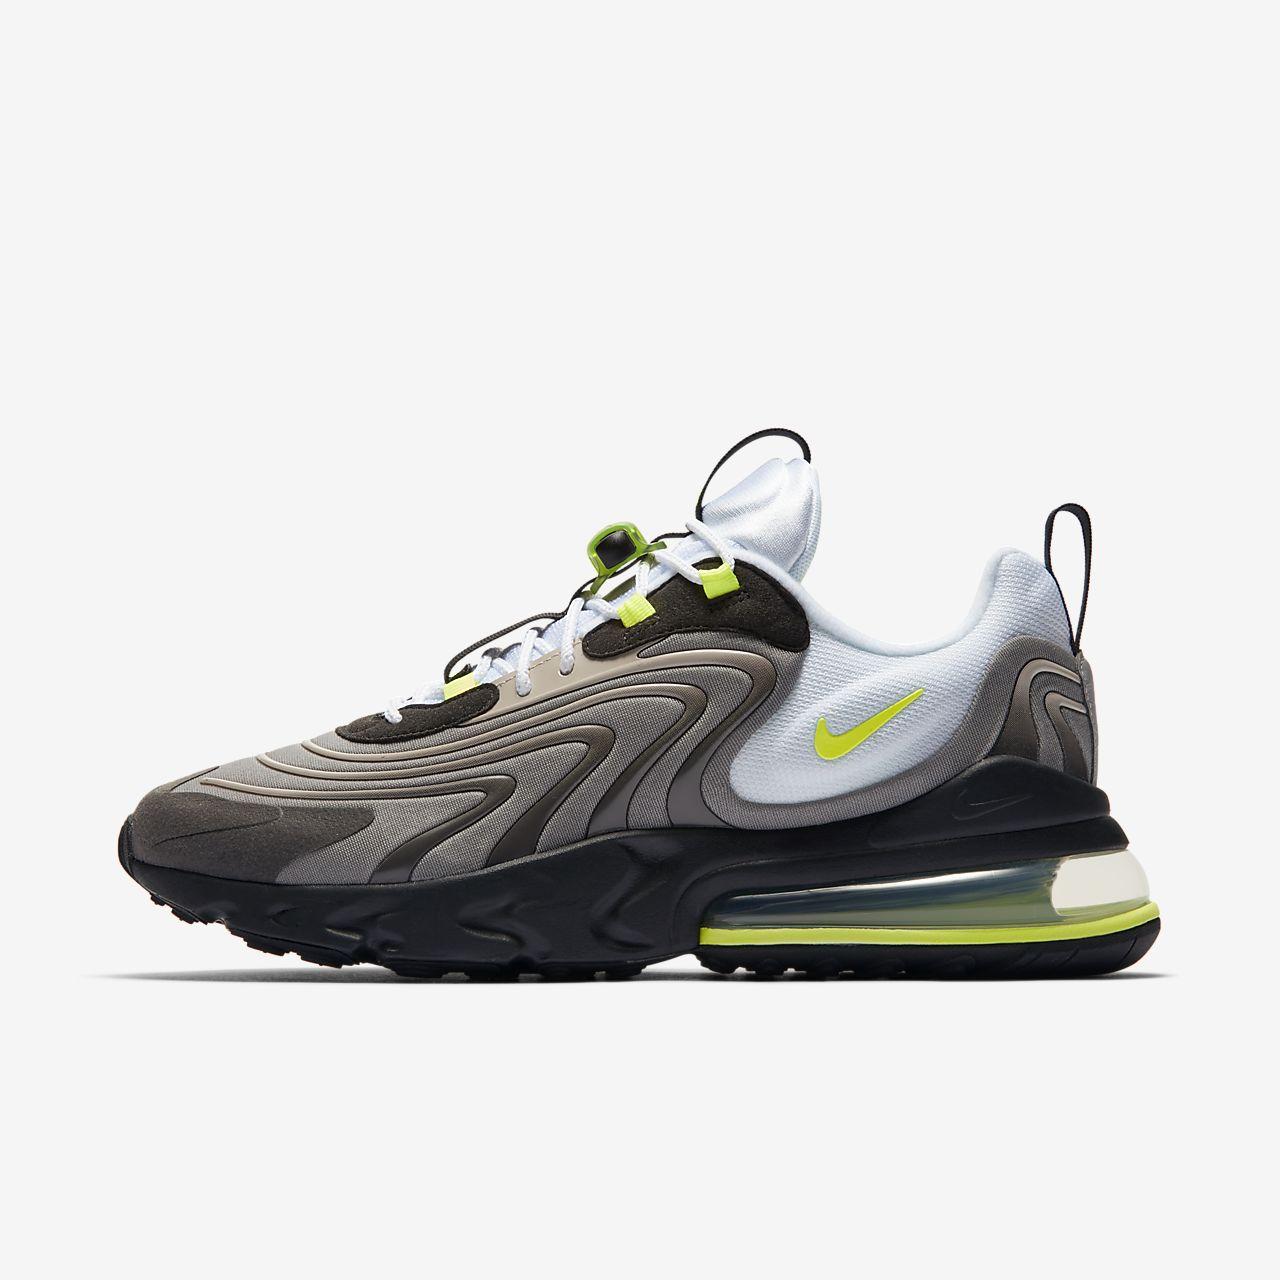 Nike Air Max 270 ENG Men's Shoe